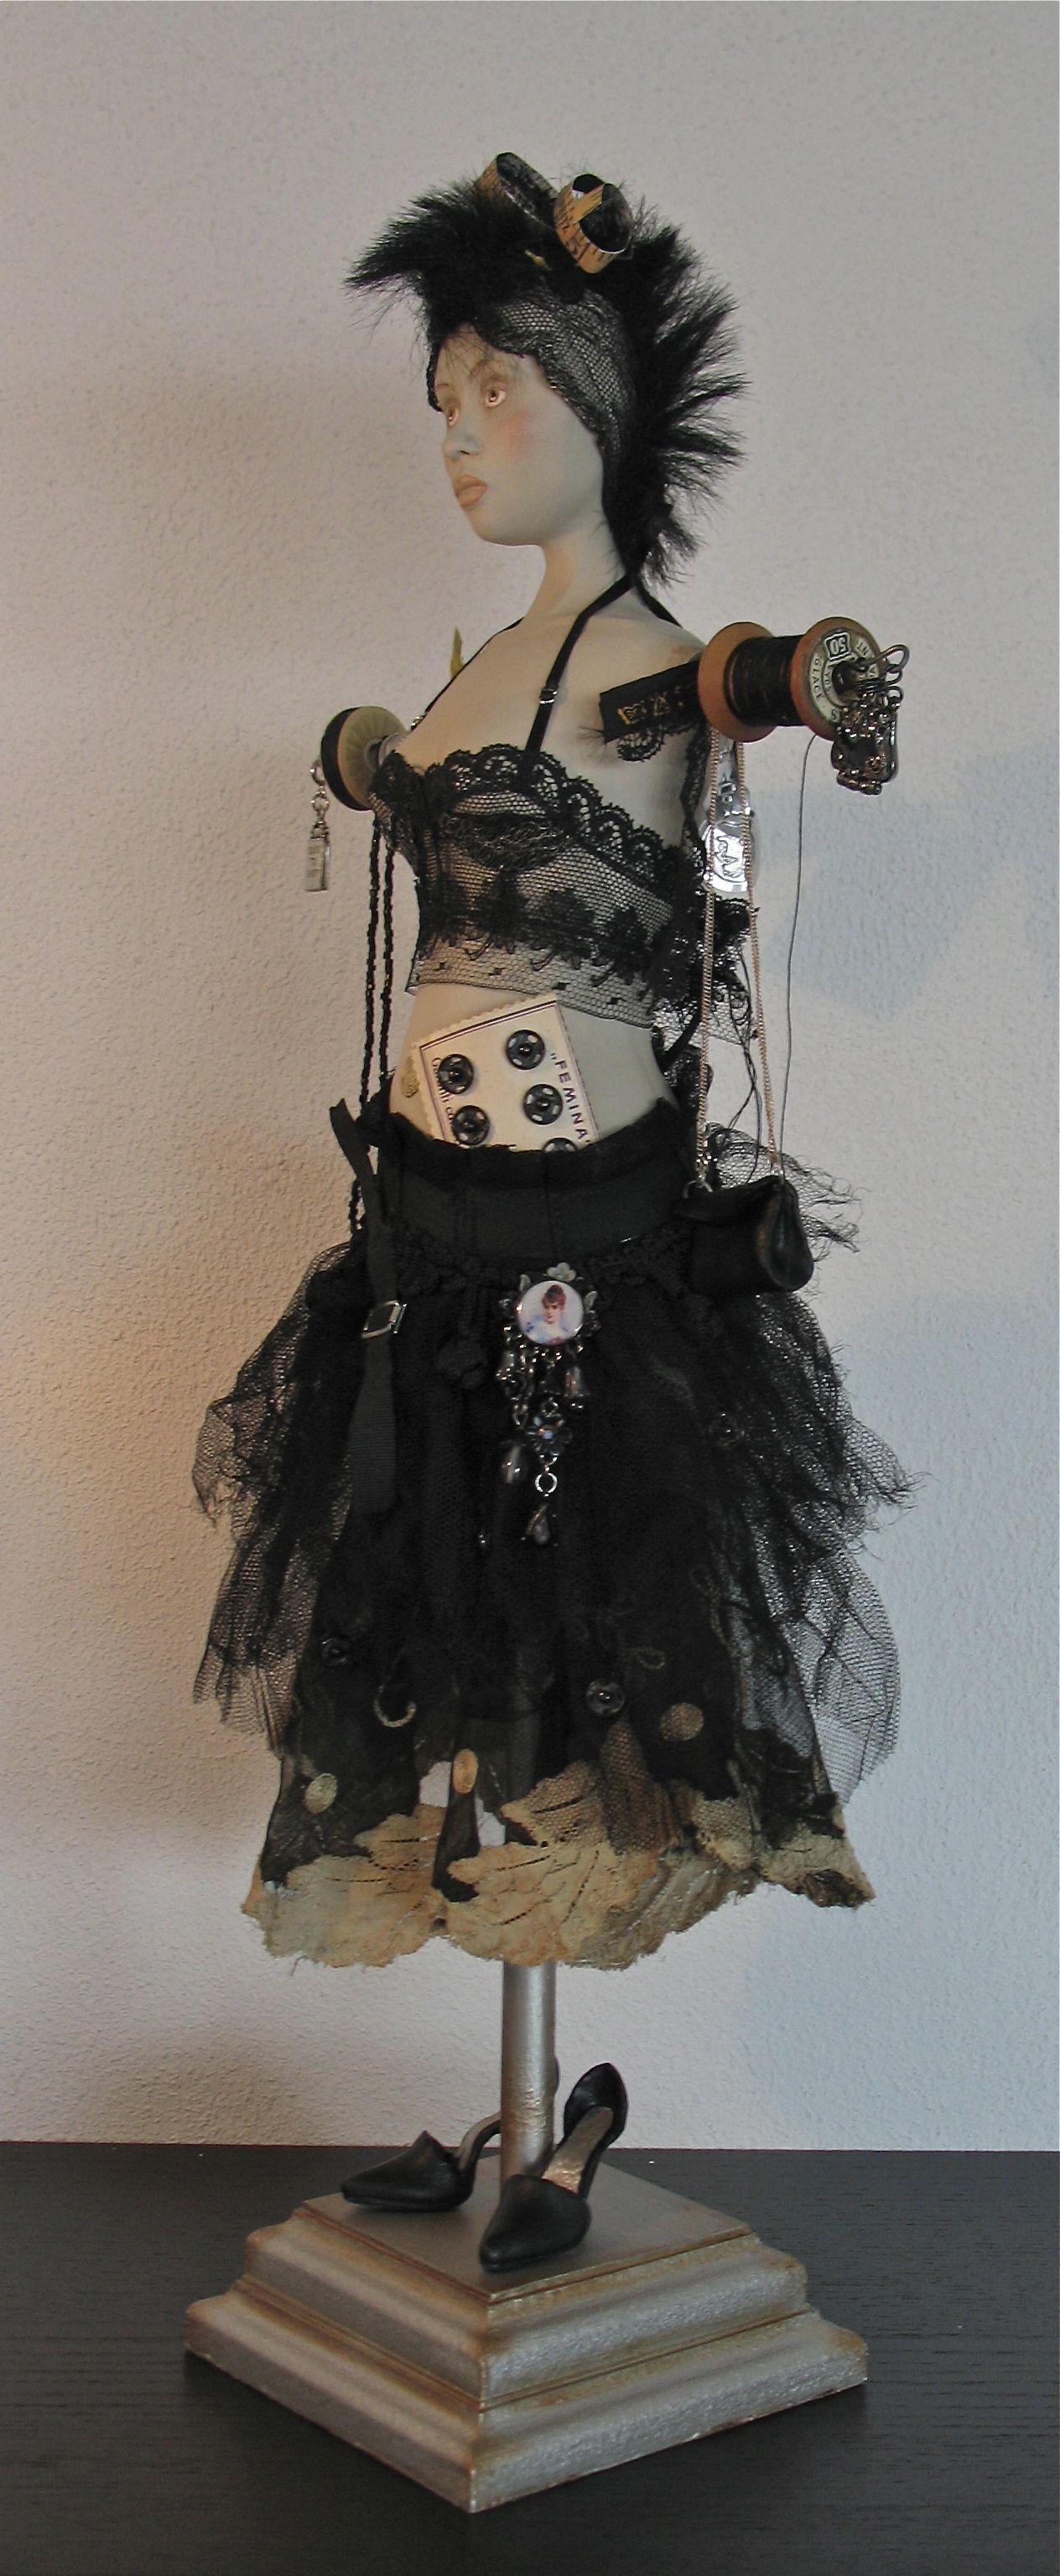 Black Fashion/GSR